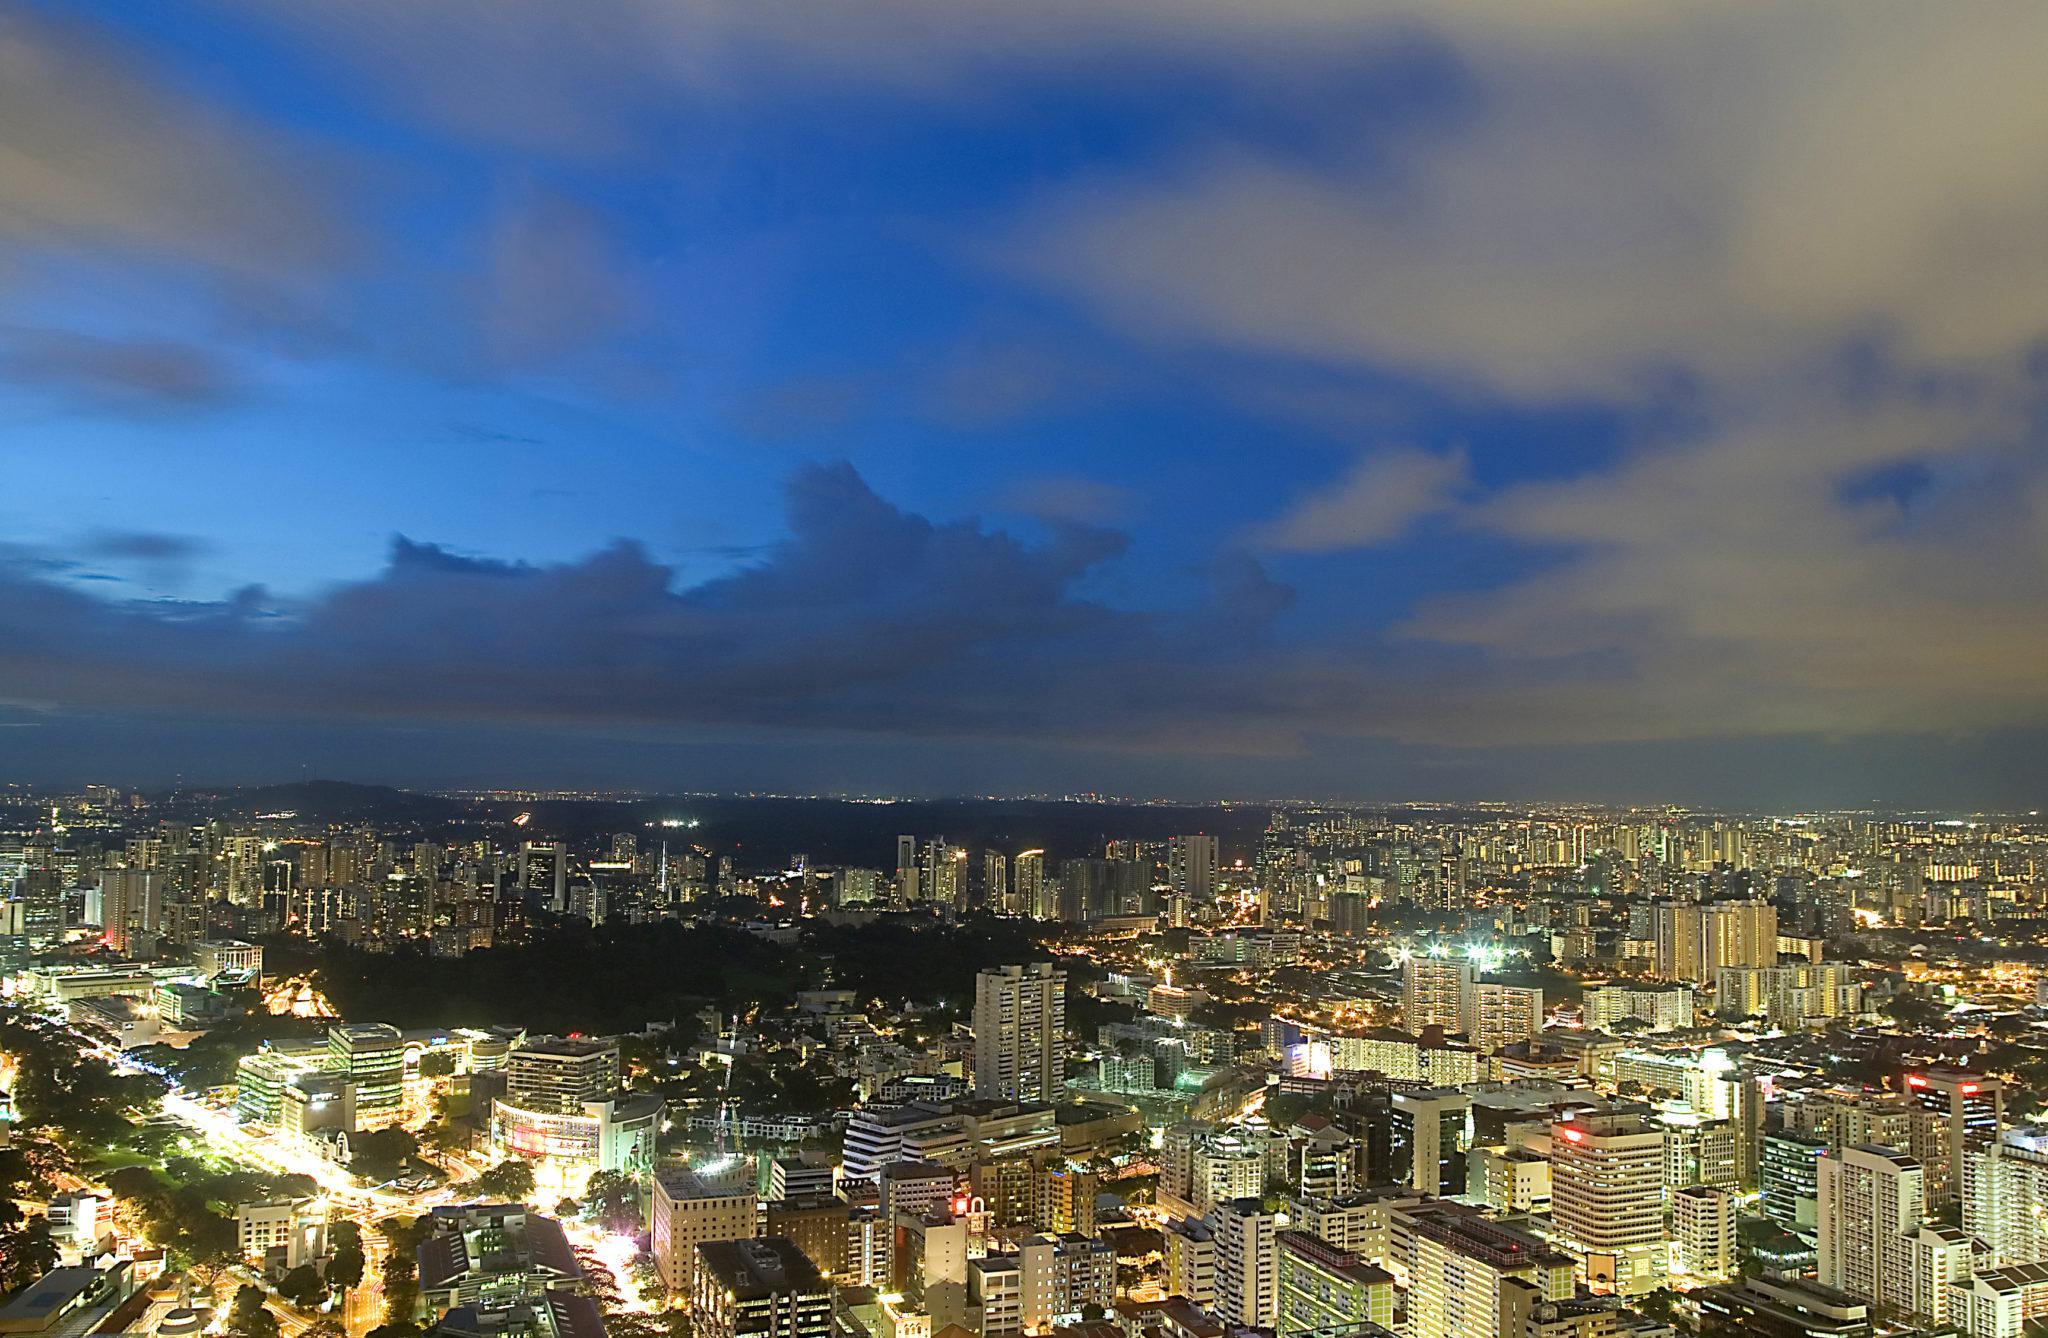 SINGAPORE - AMAZING PHOTOGENIC ASIAN CITY 3